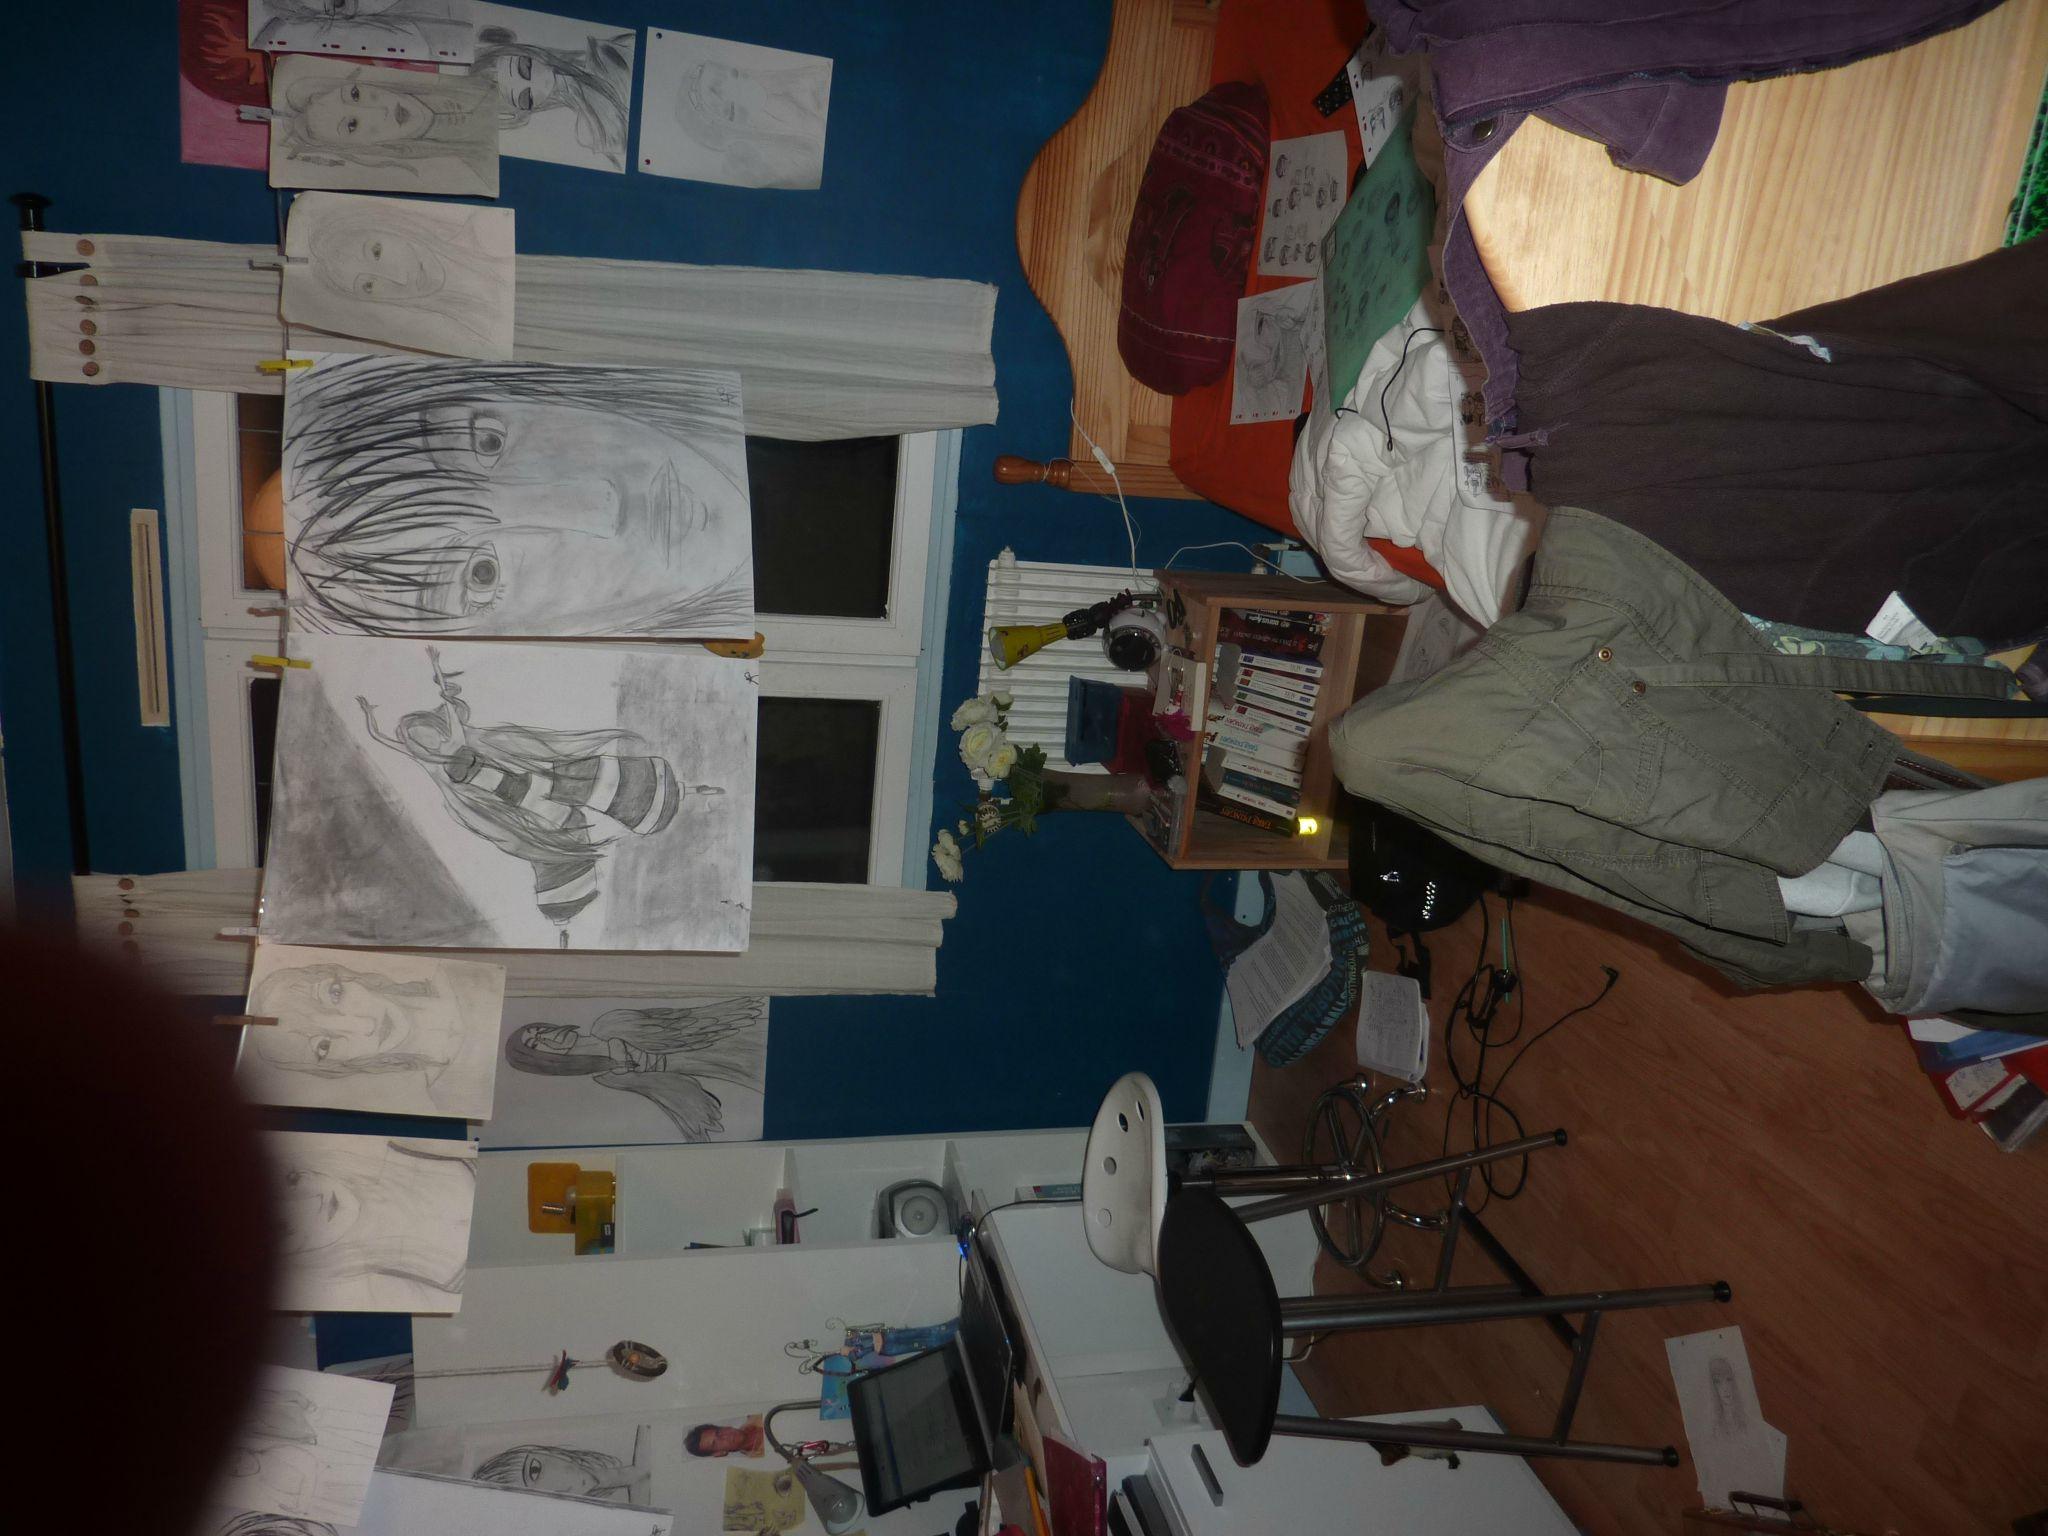 La chambre en bordel - le baz\'ART